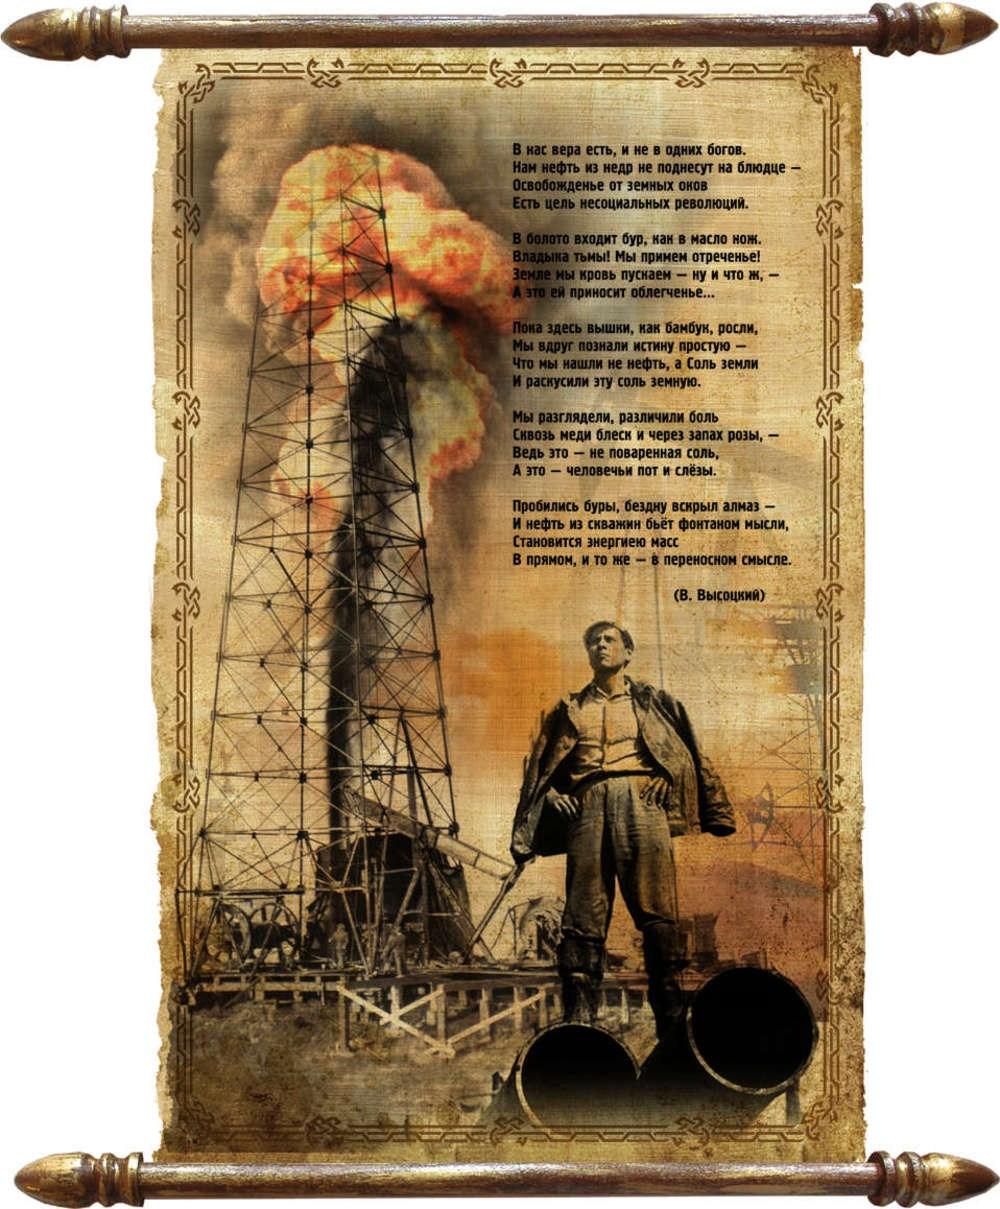 вспомнишь стих поздравления ко дню нефтяника бедросович